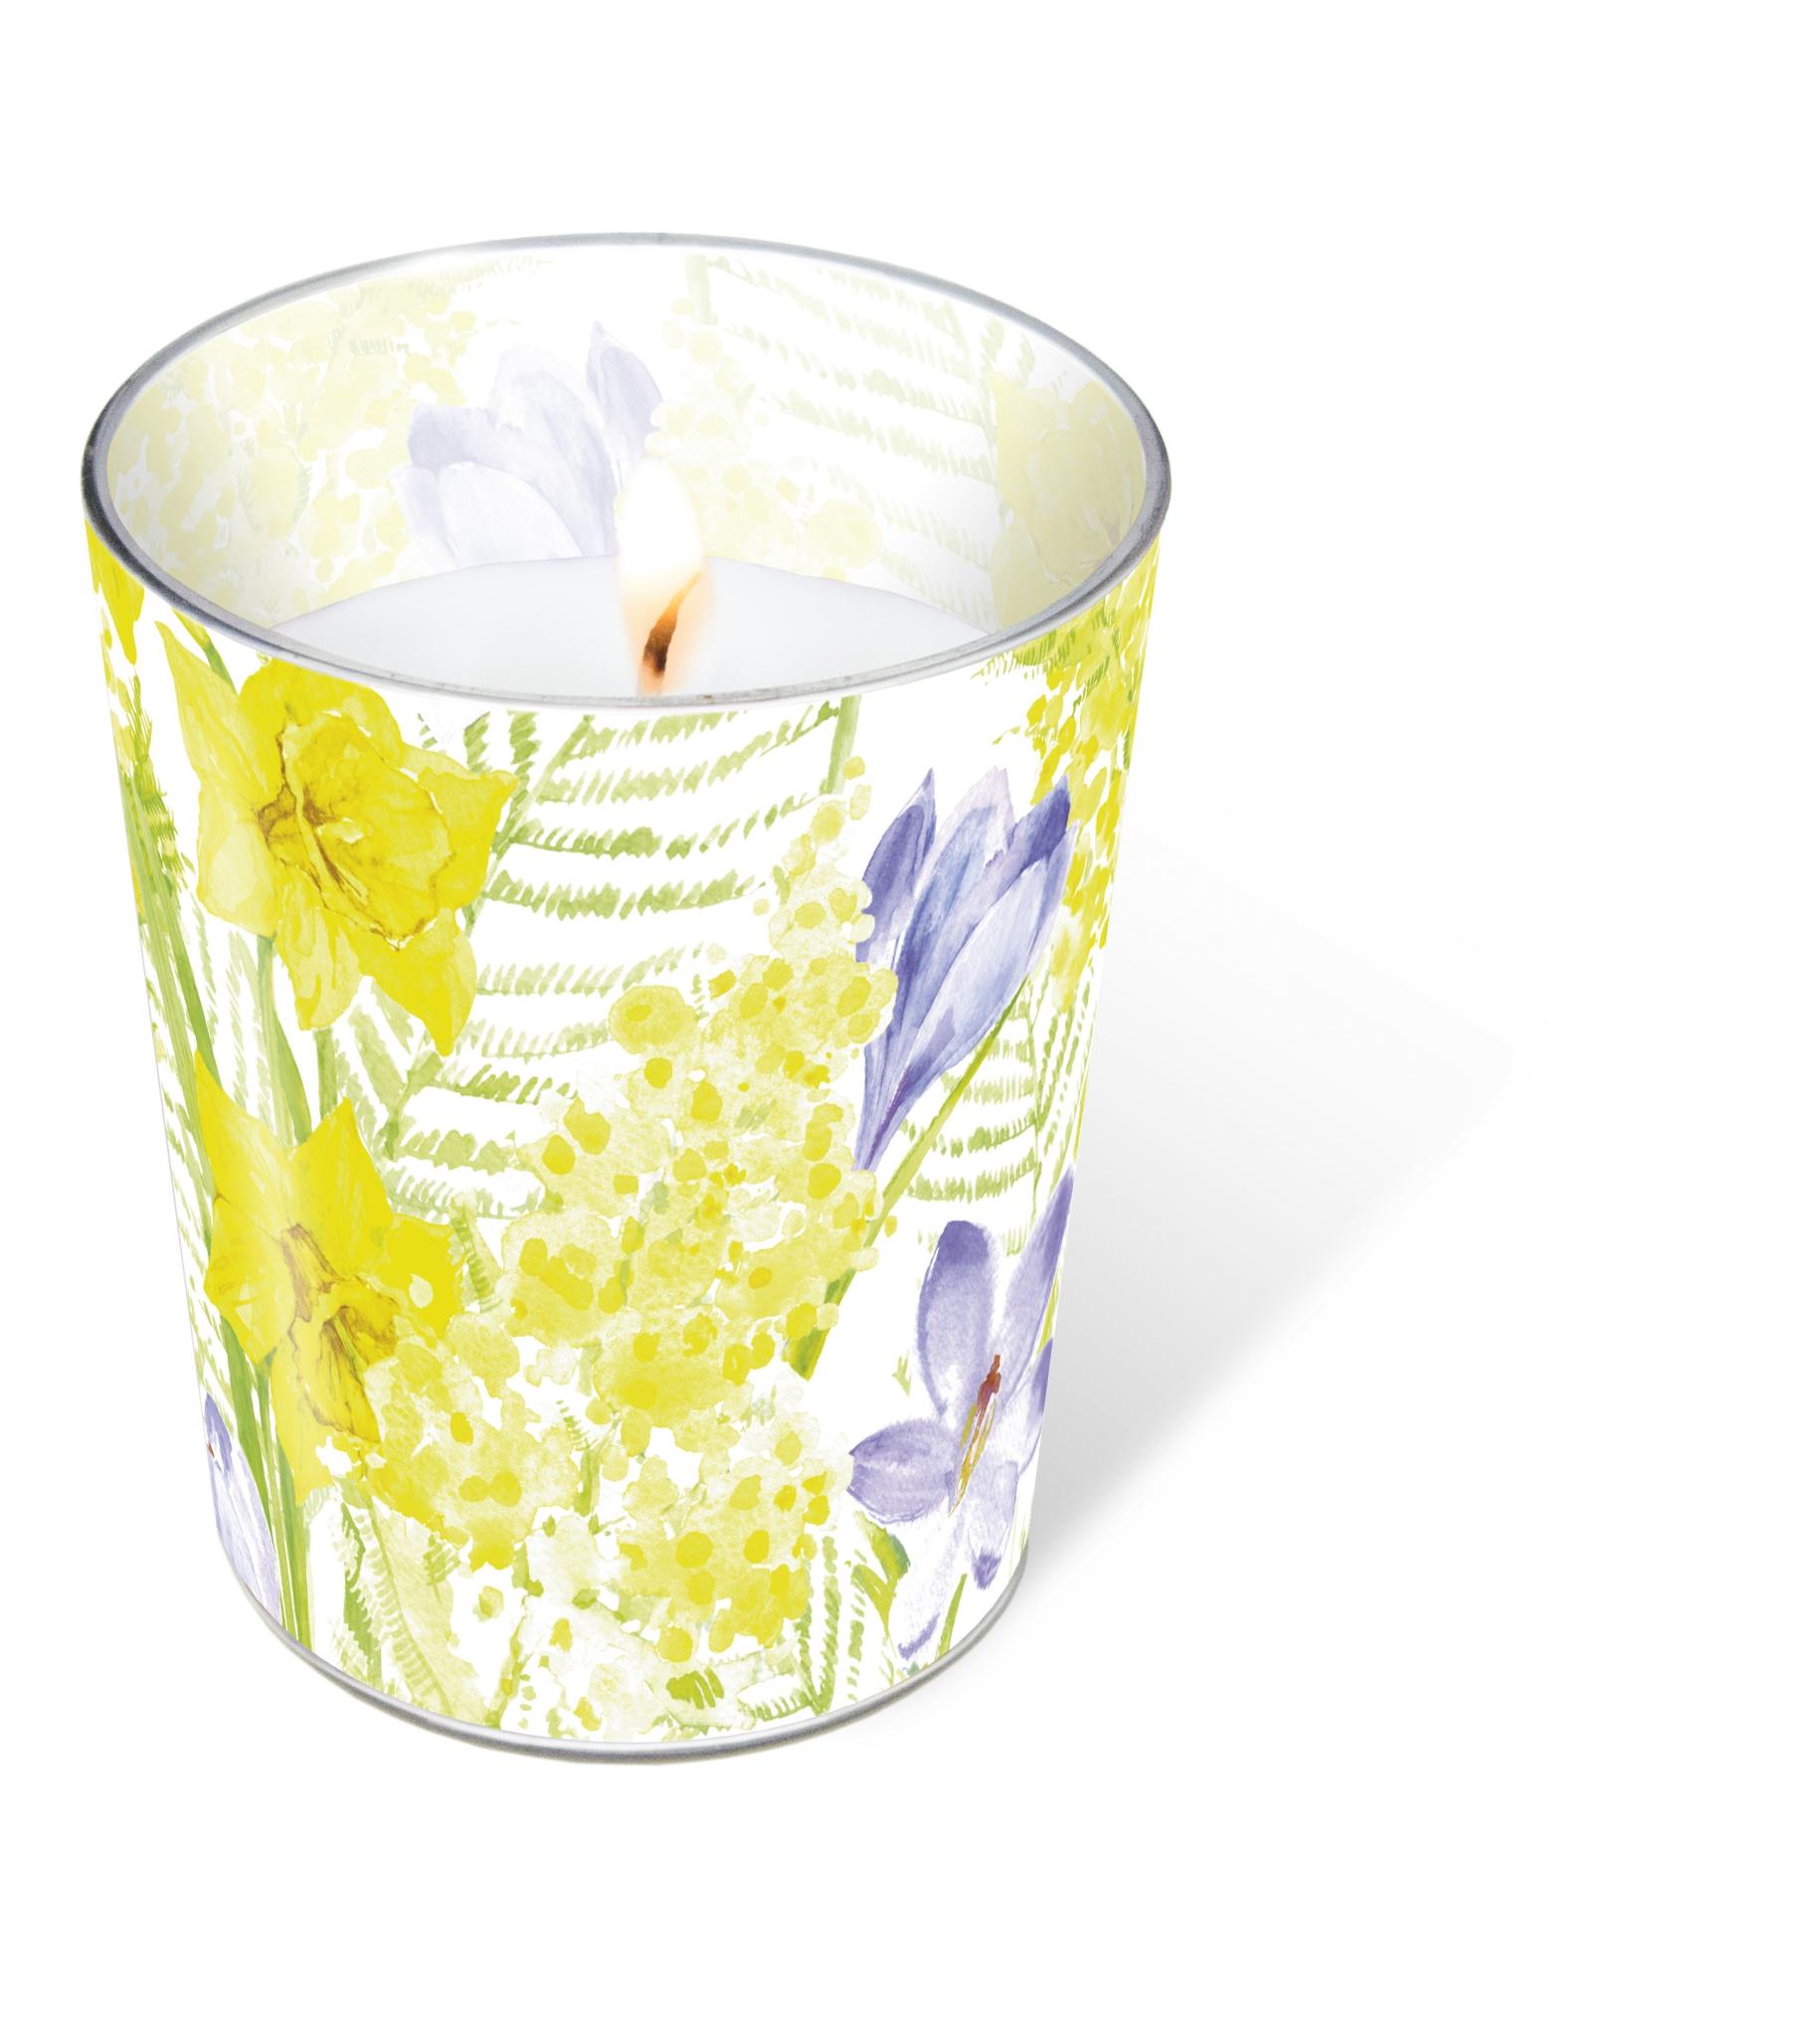 Glaskerze - Spring mantra